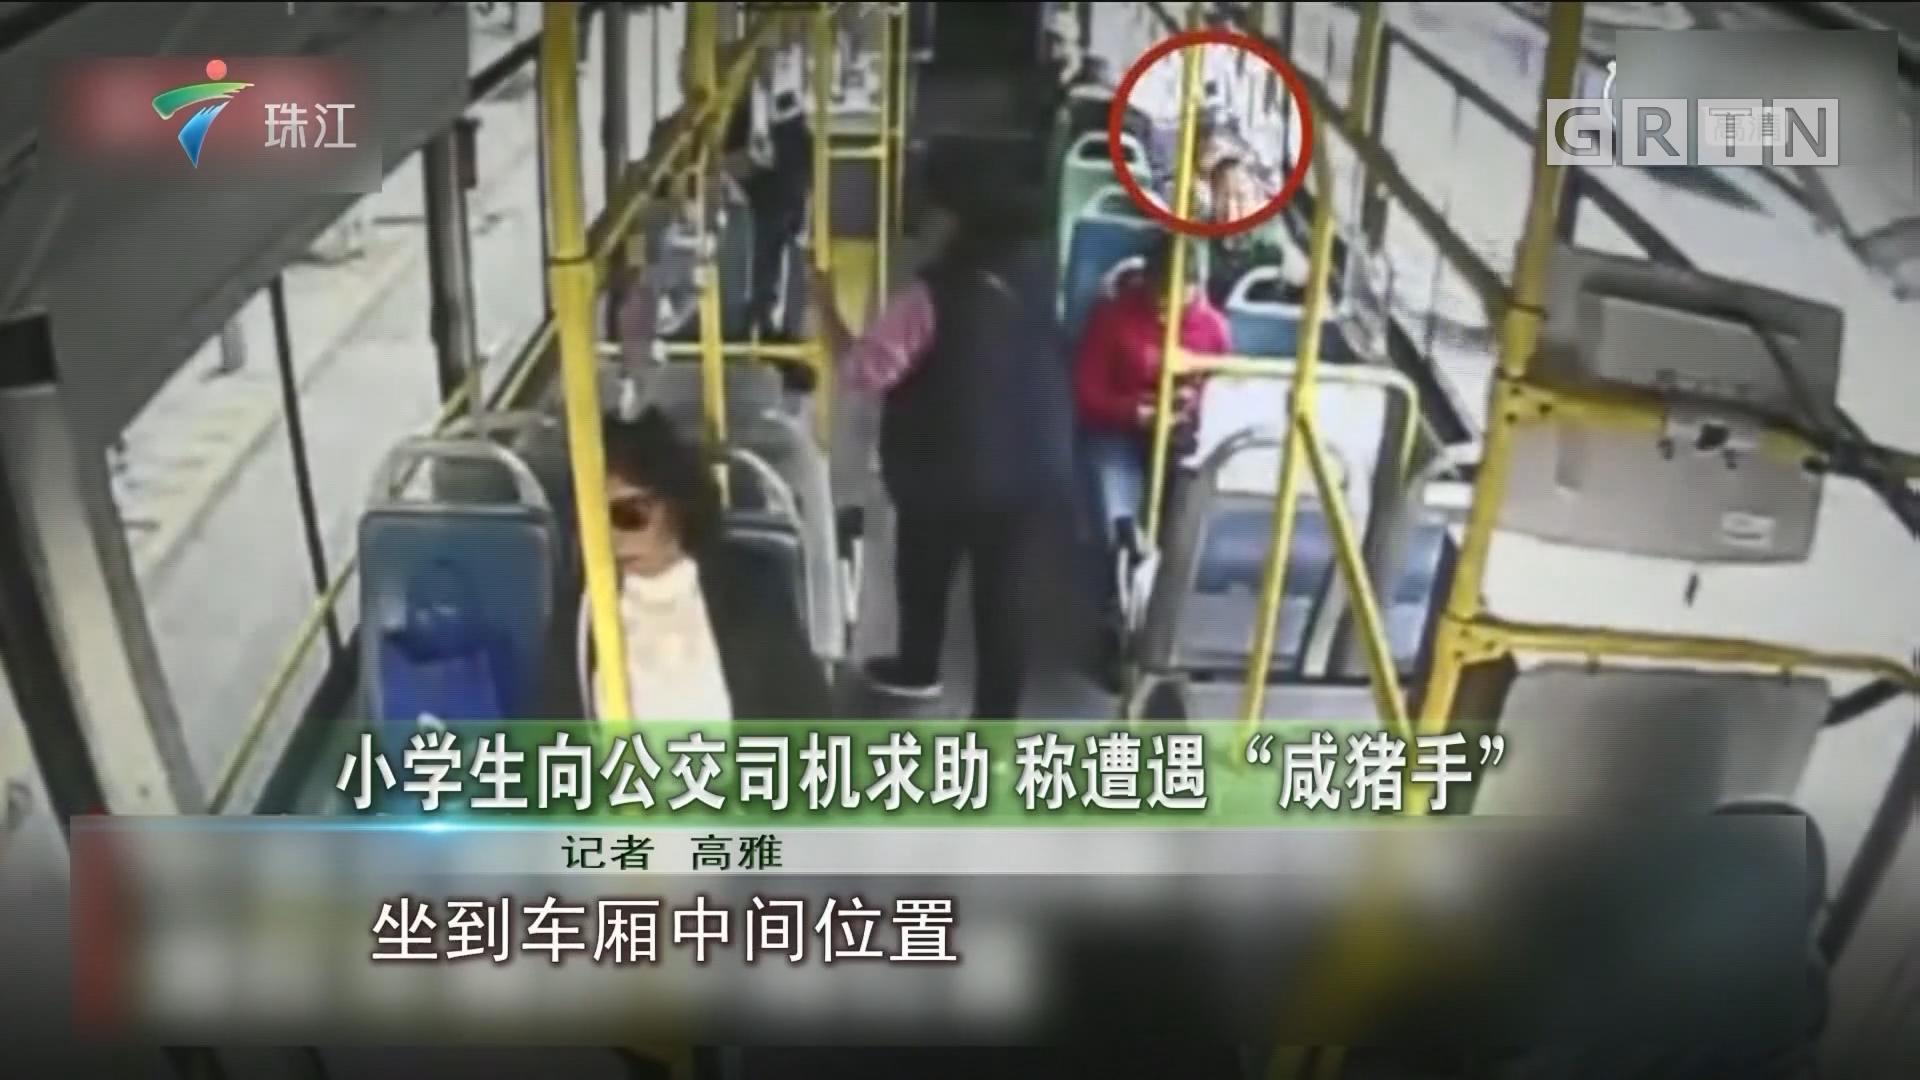 """小学生向公交司机求助 称遭遇""""咸猪手"""""""